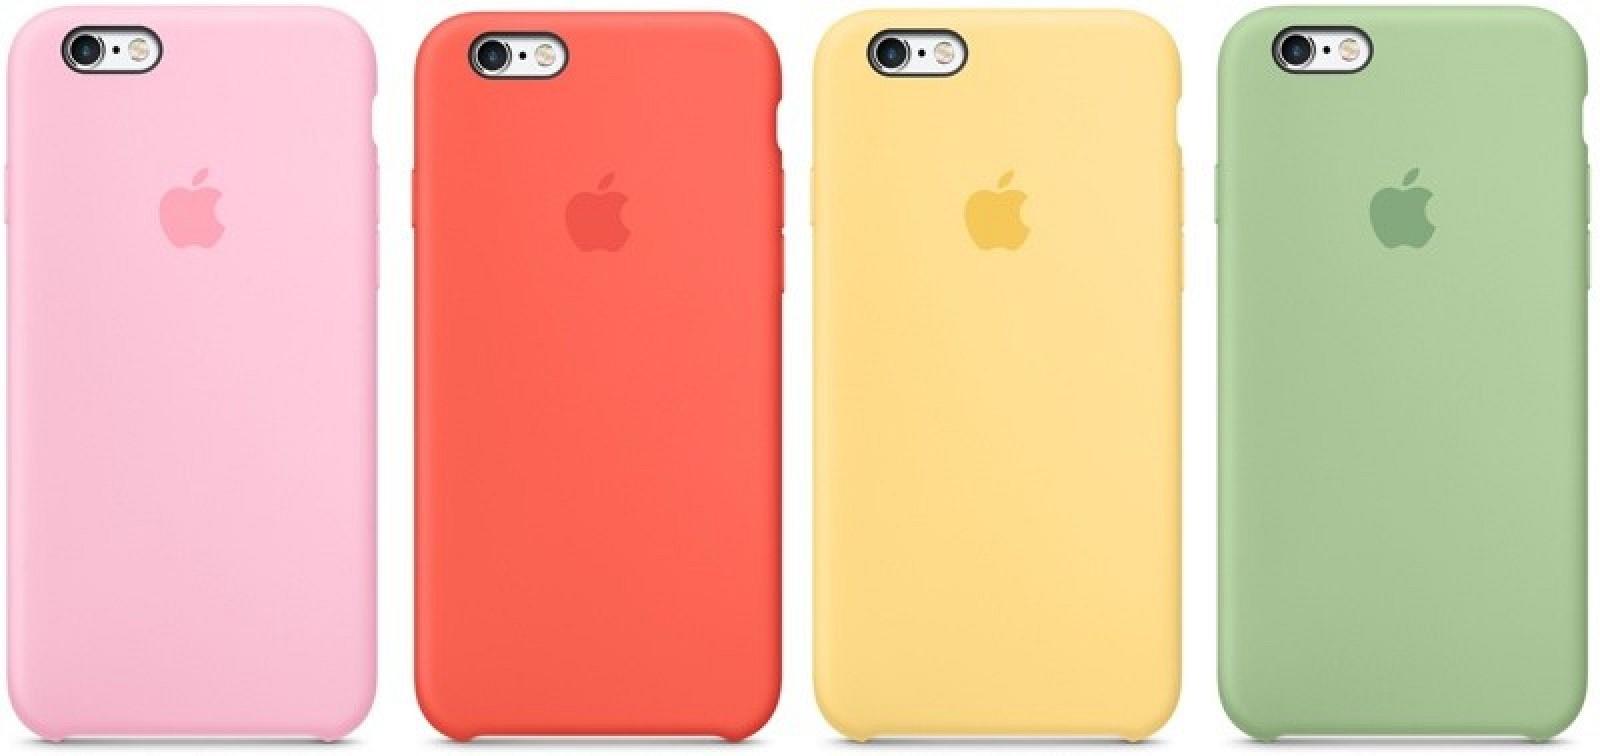 Apple začal prodávat nové obaly na iPhone v jarních barvách 05d0b11dcc0